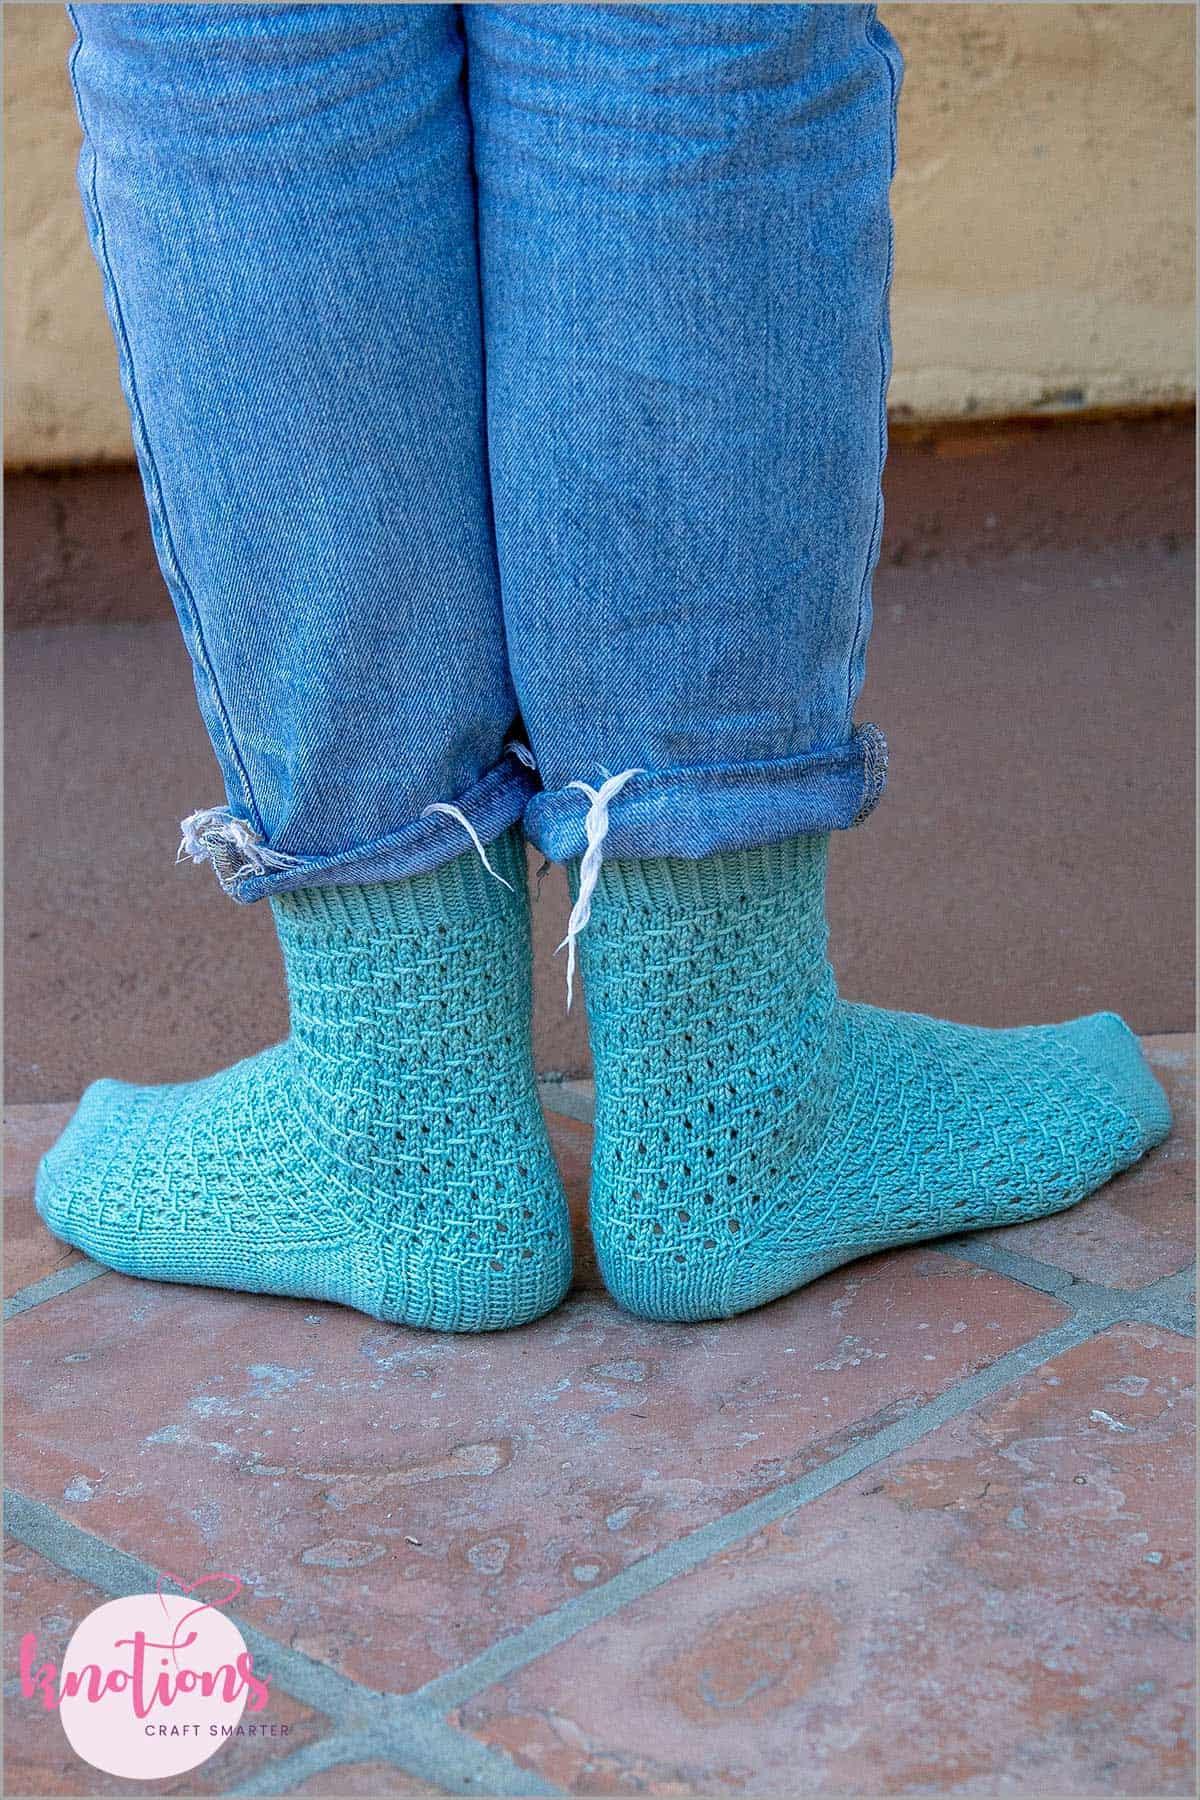 dodson-socks-6